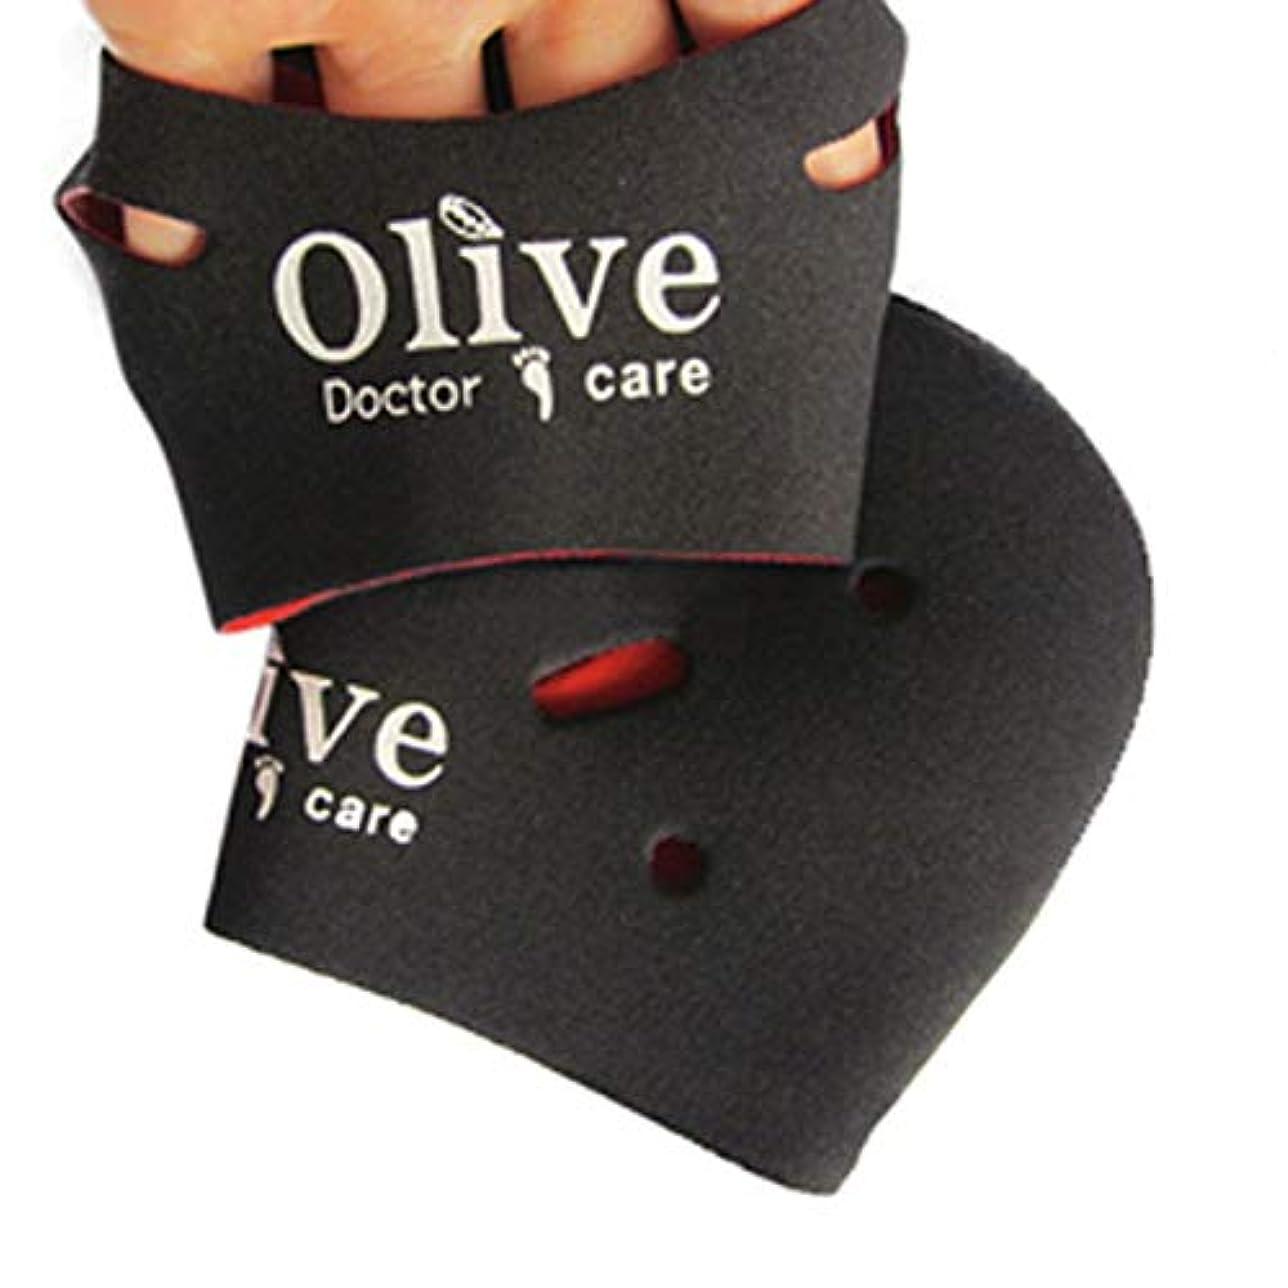 何よりも札入れ帝国主義[NICE-SHOP]かかとケア靴下 Olive Doctor Care